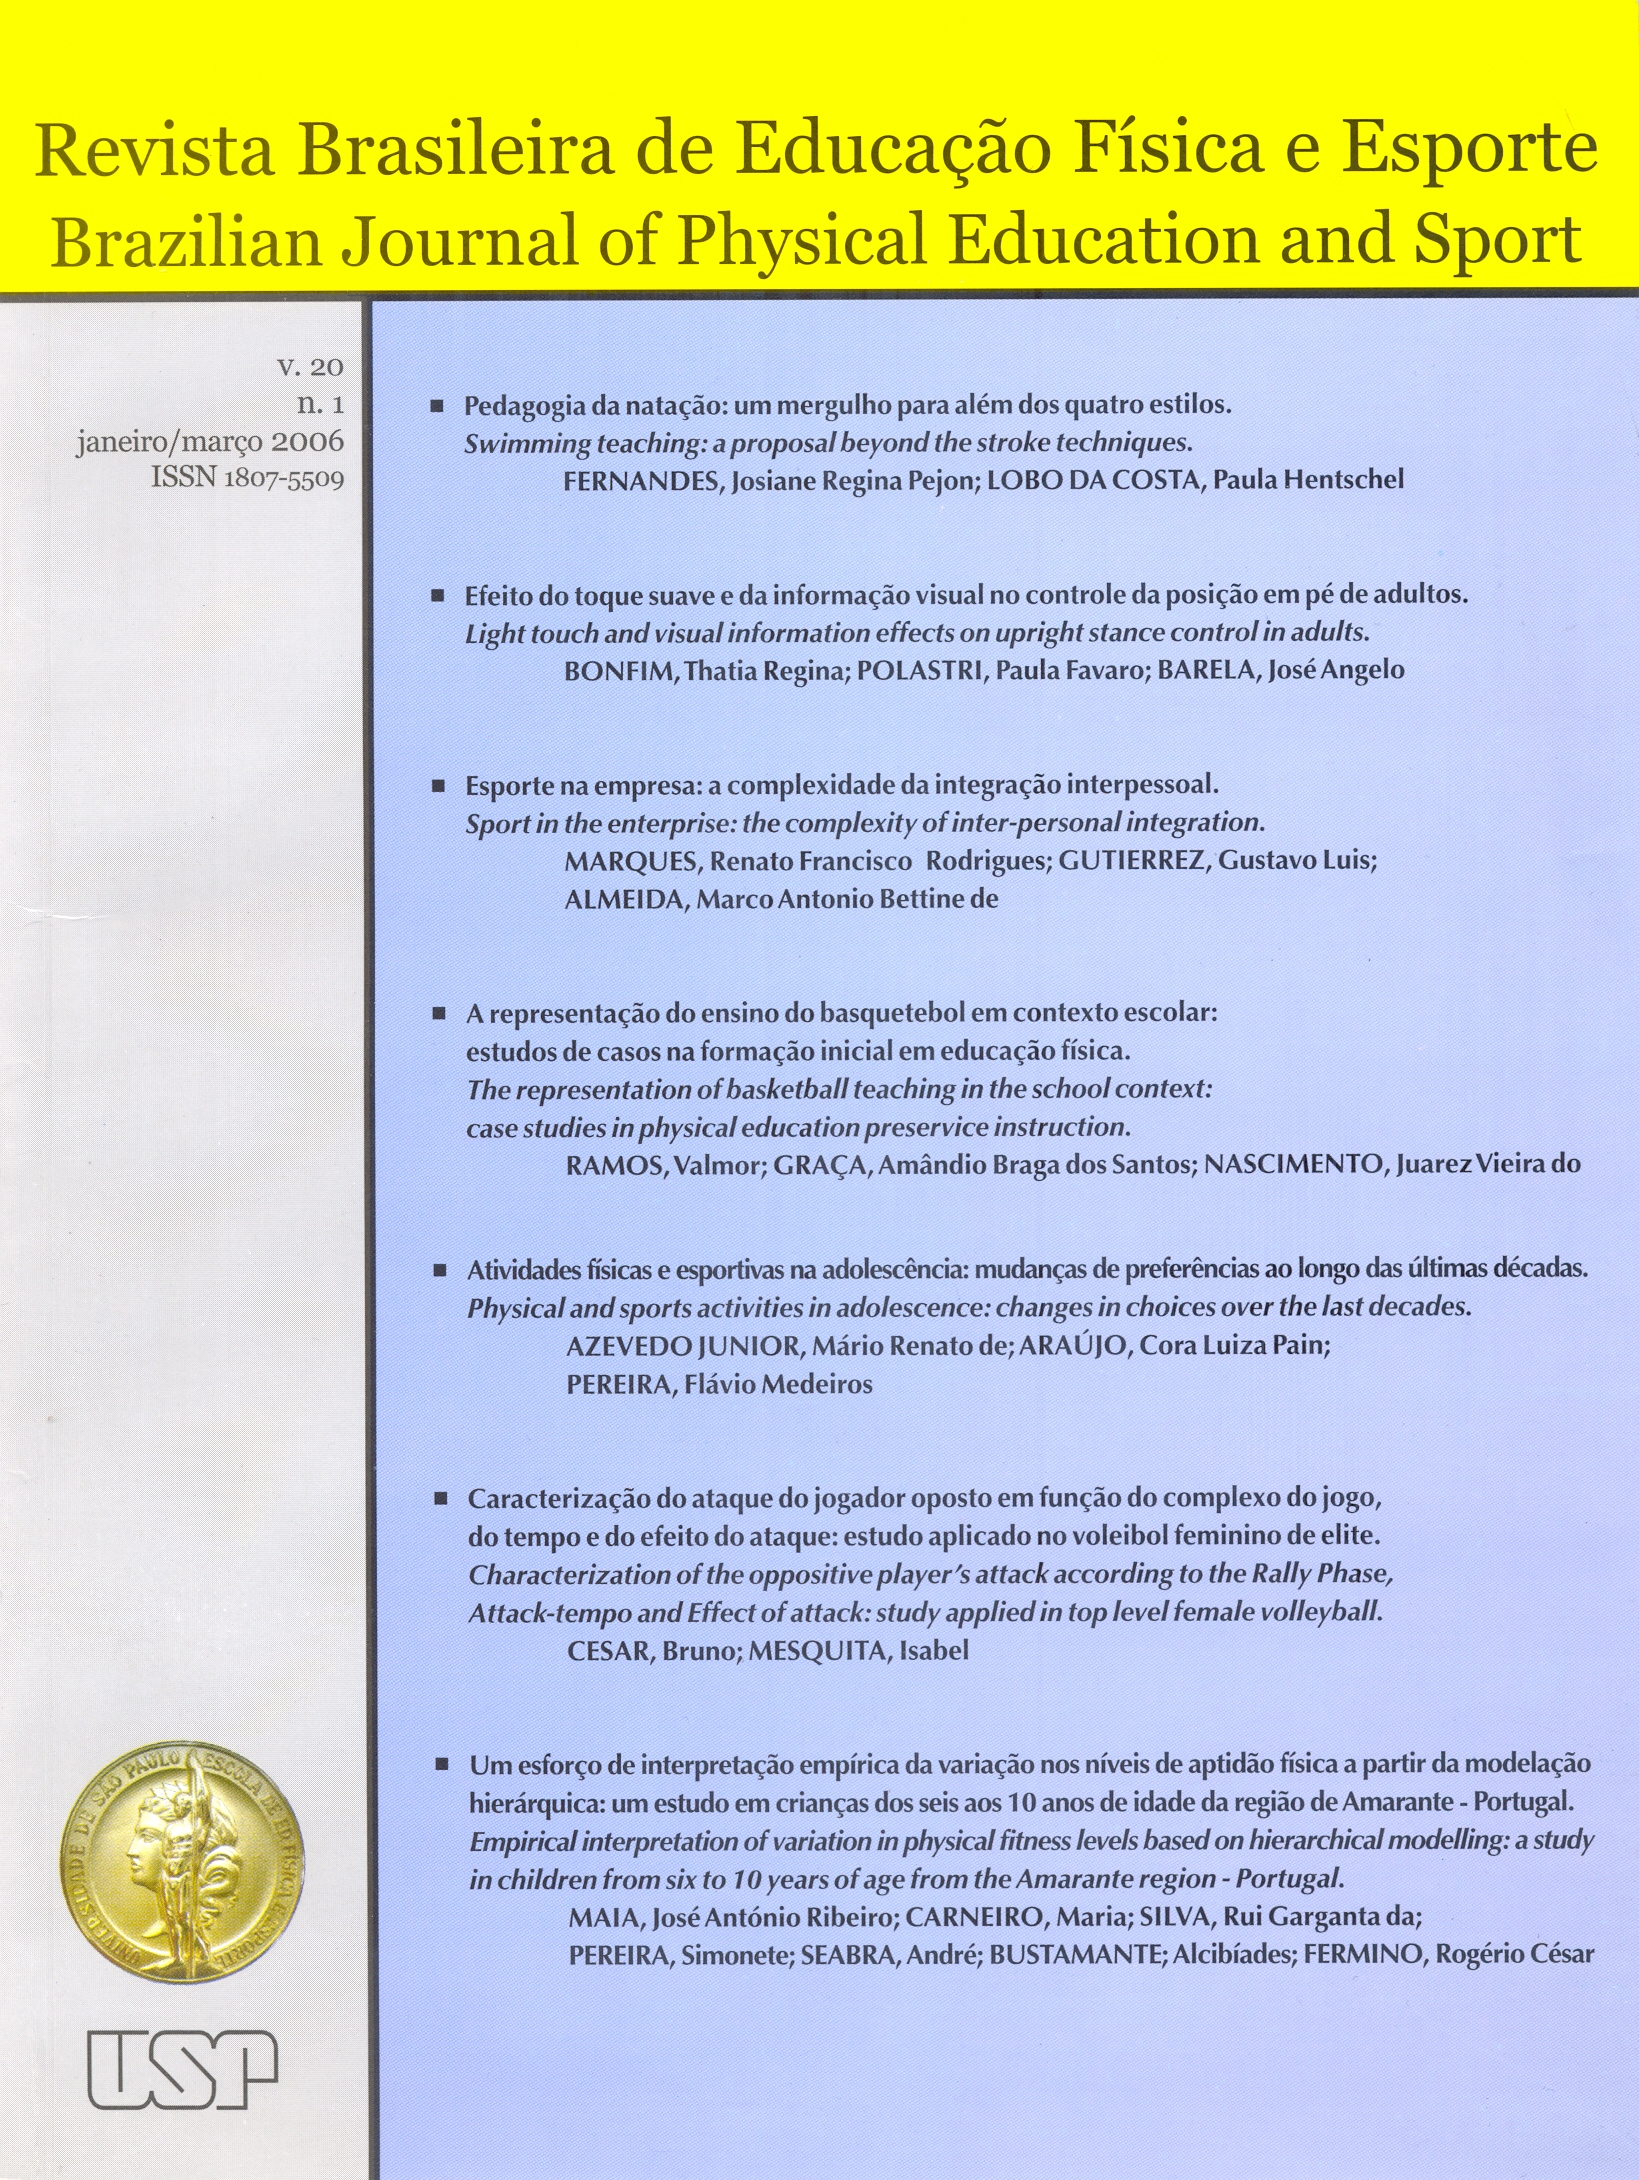 Arquivos - Página 3  36243d8e3f0f6